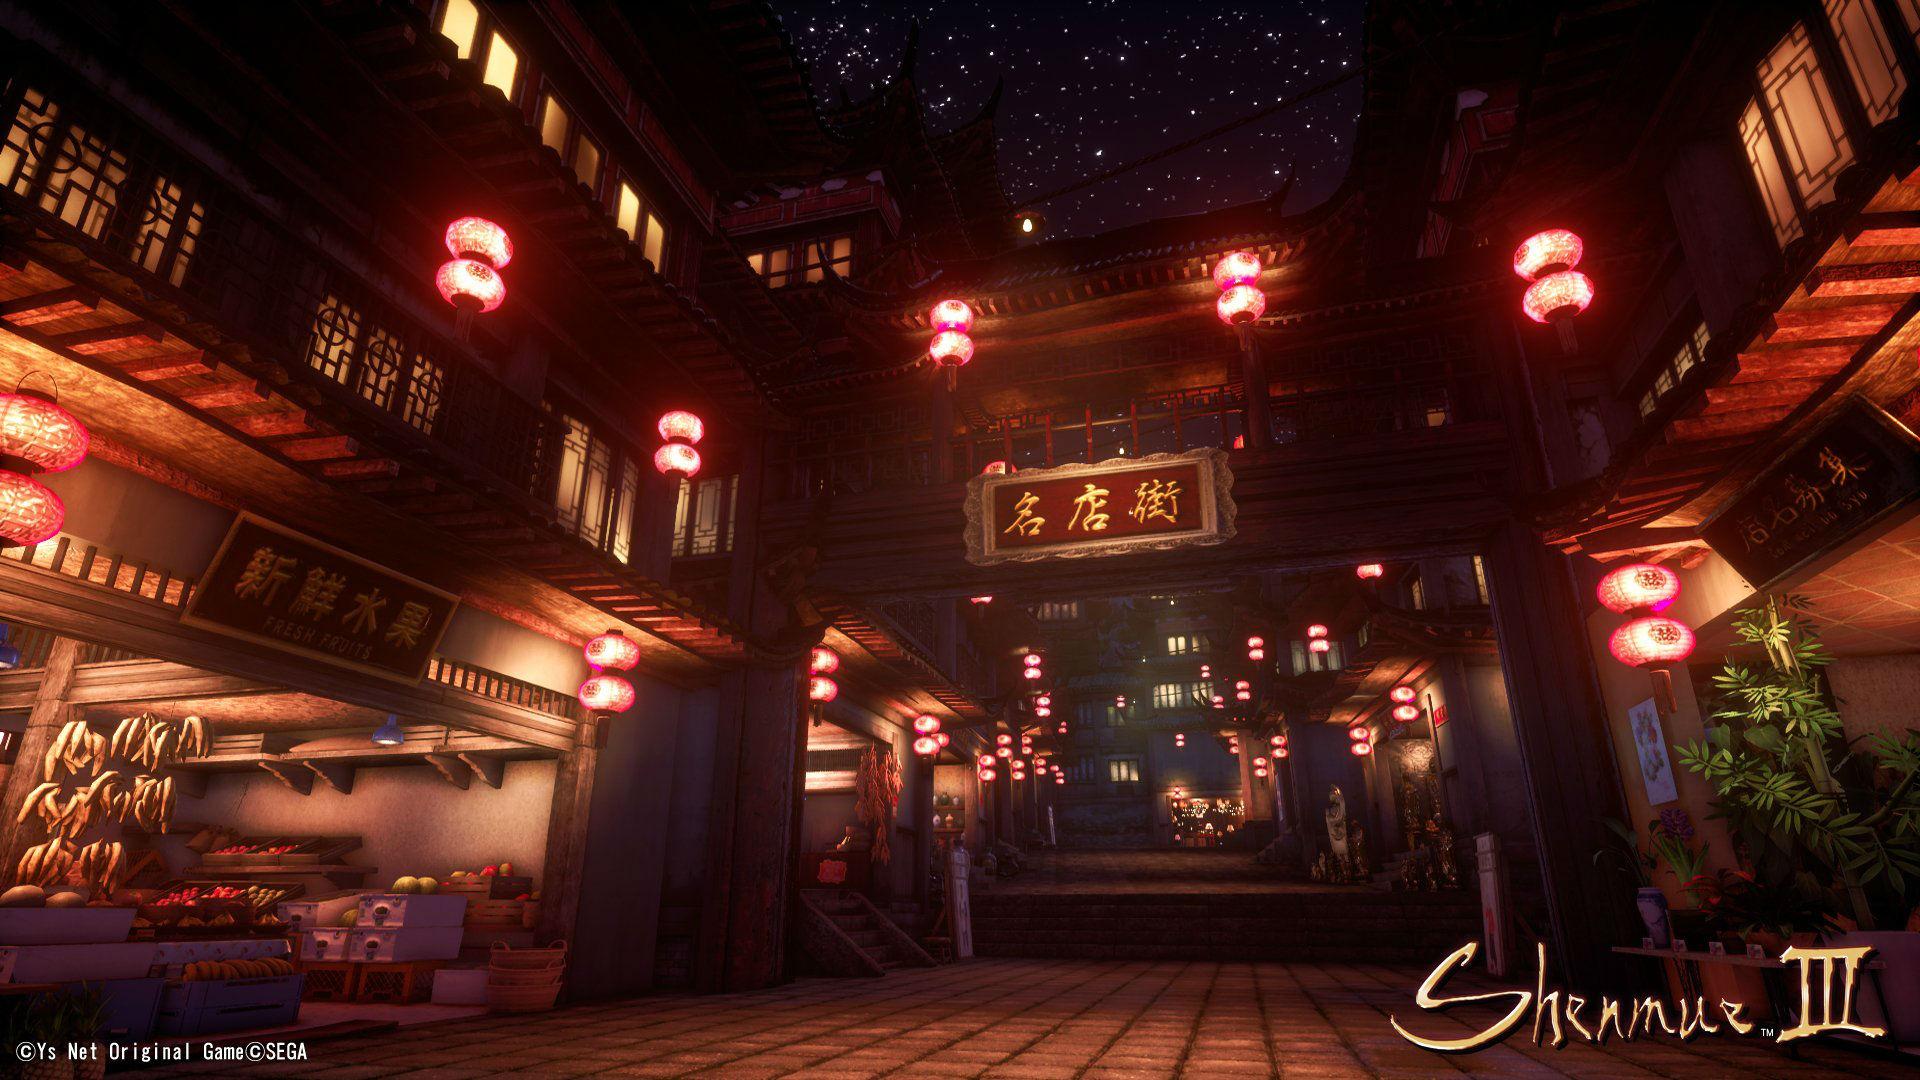 Ys Net revela belas imagens novas de Shenmue 3; veja 2